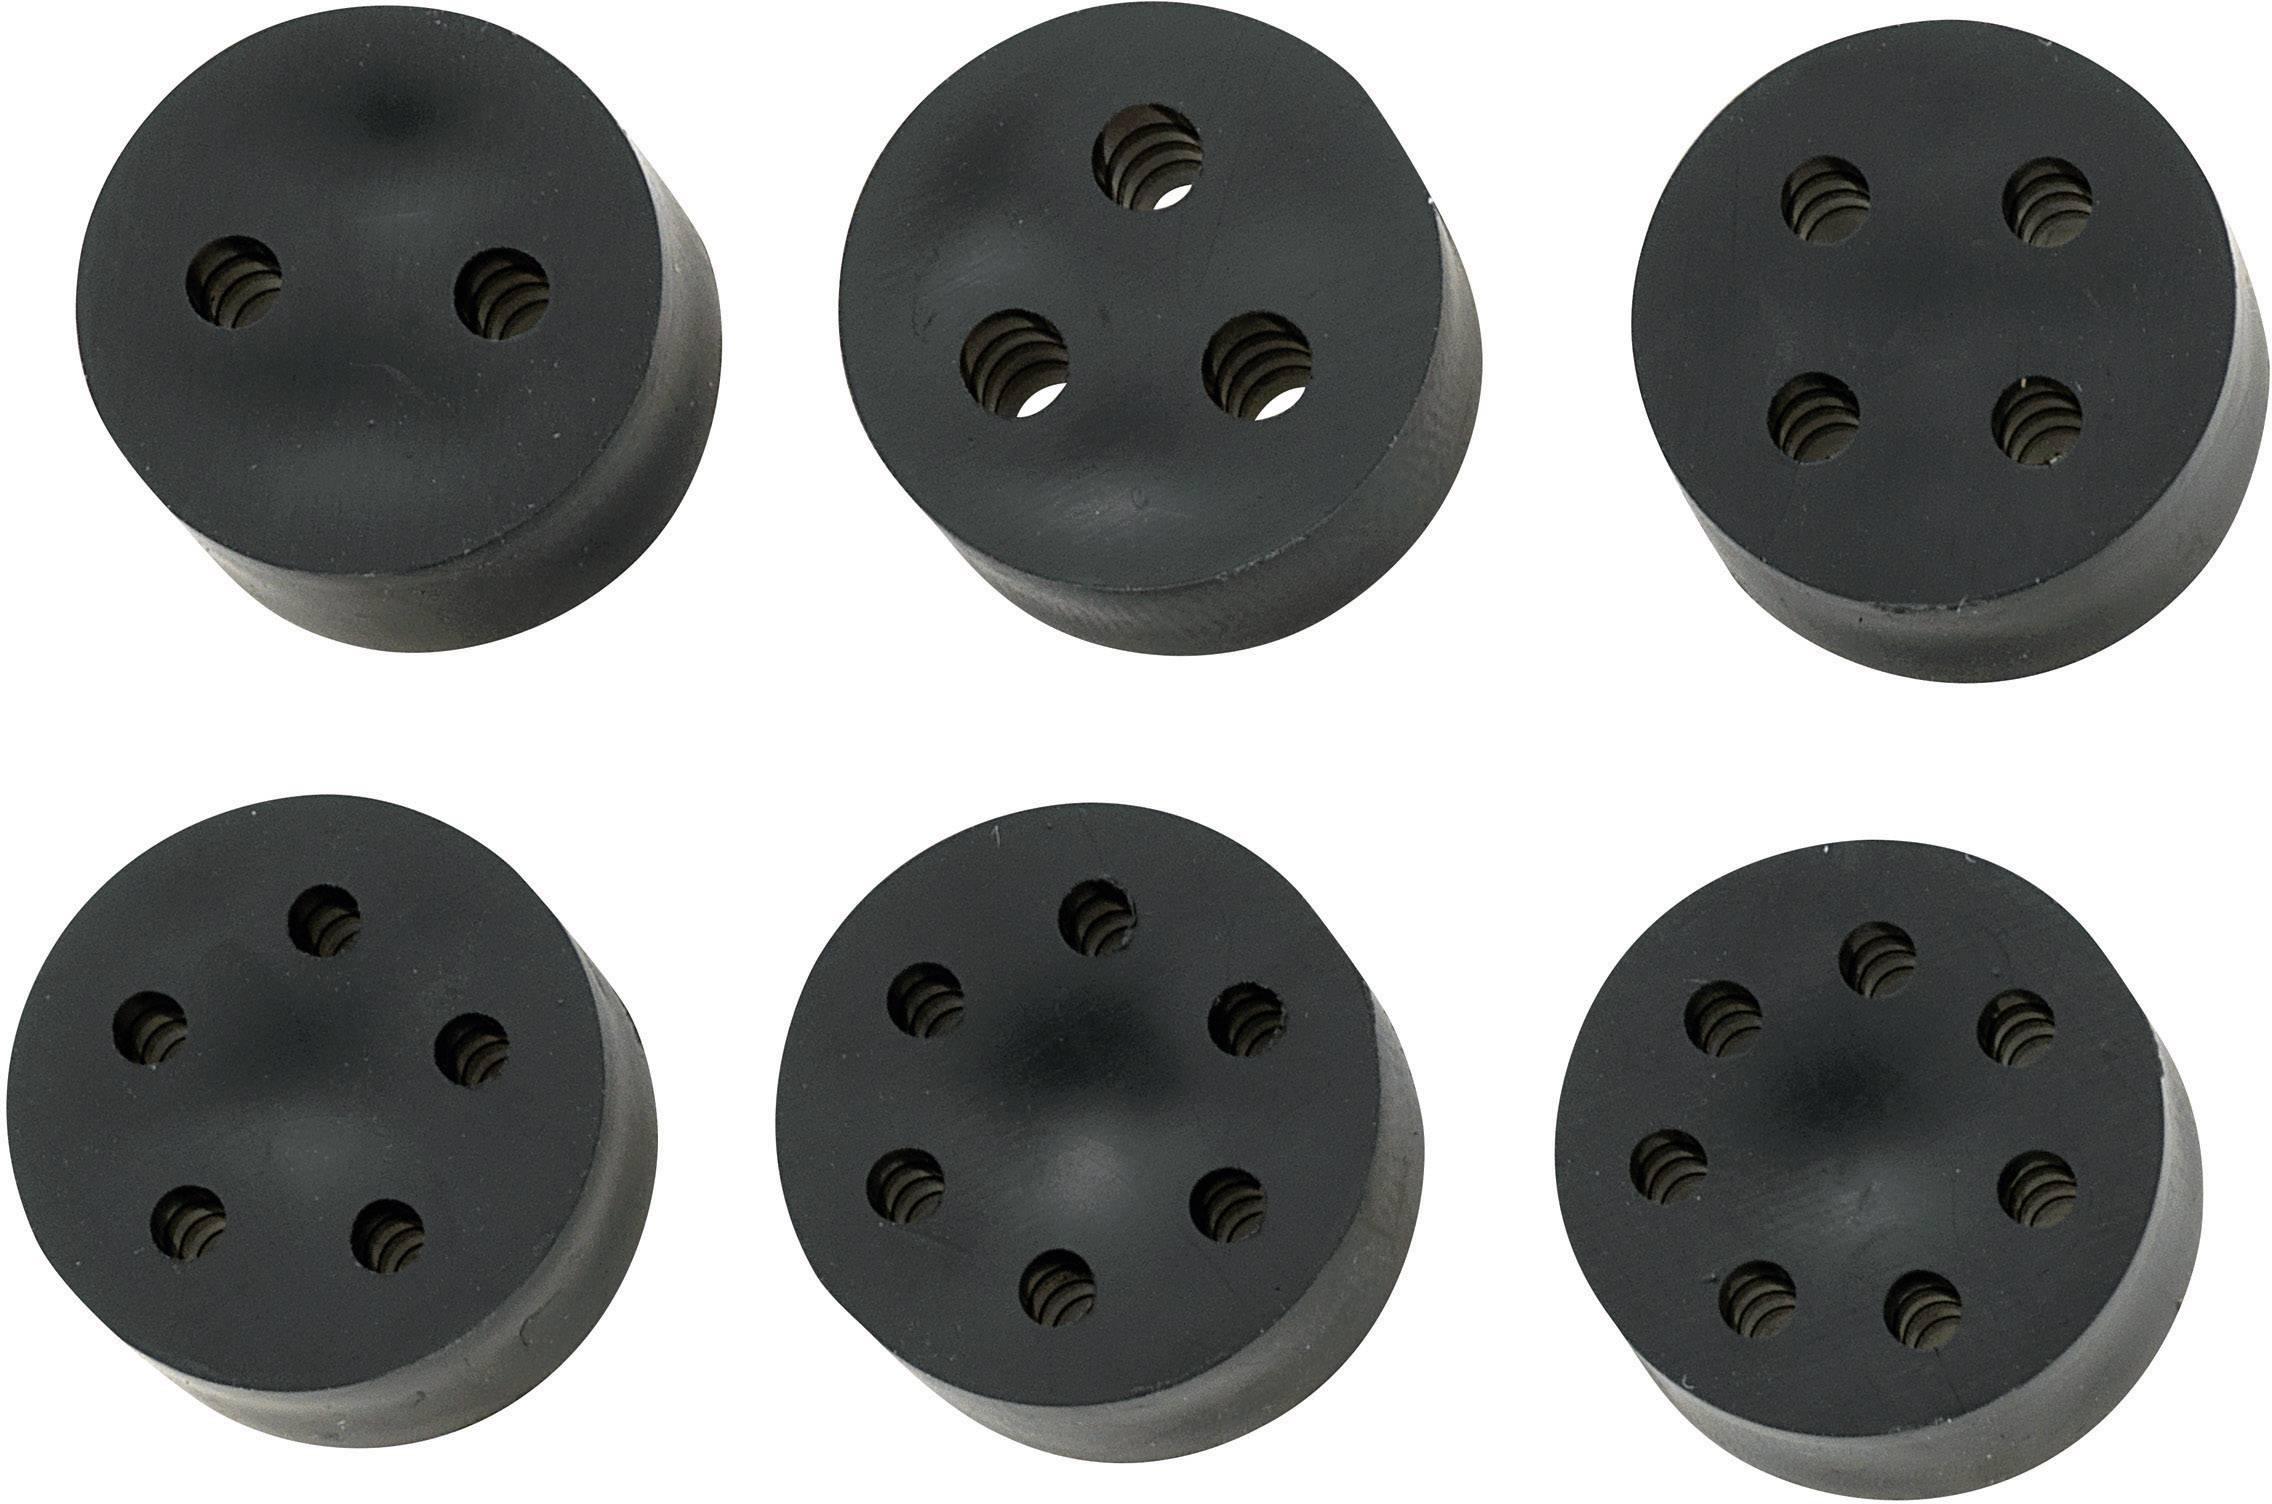 Tesniaca vložka s viacerými priechodmi KSS MH23-2F, PG21, guma, 1 ks